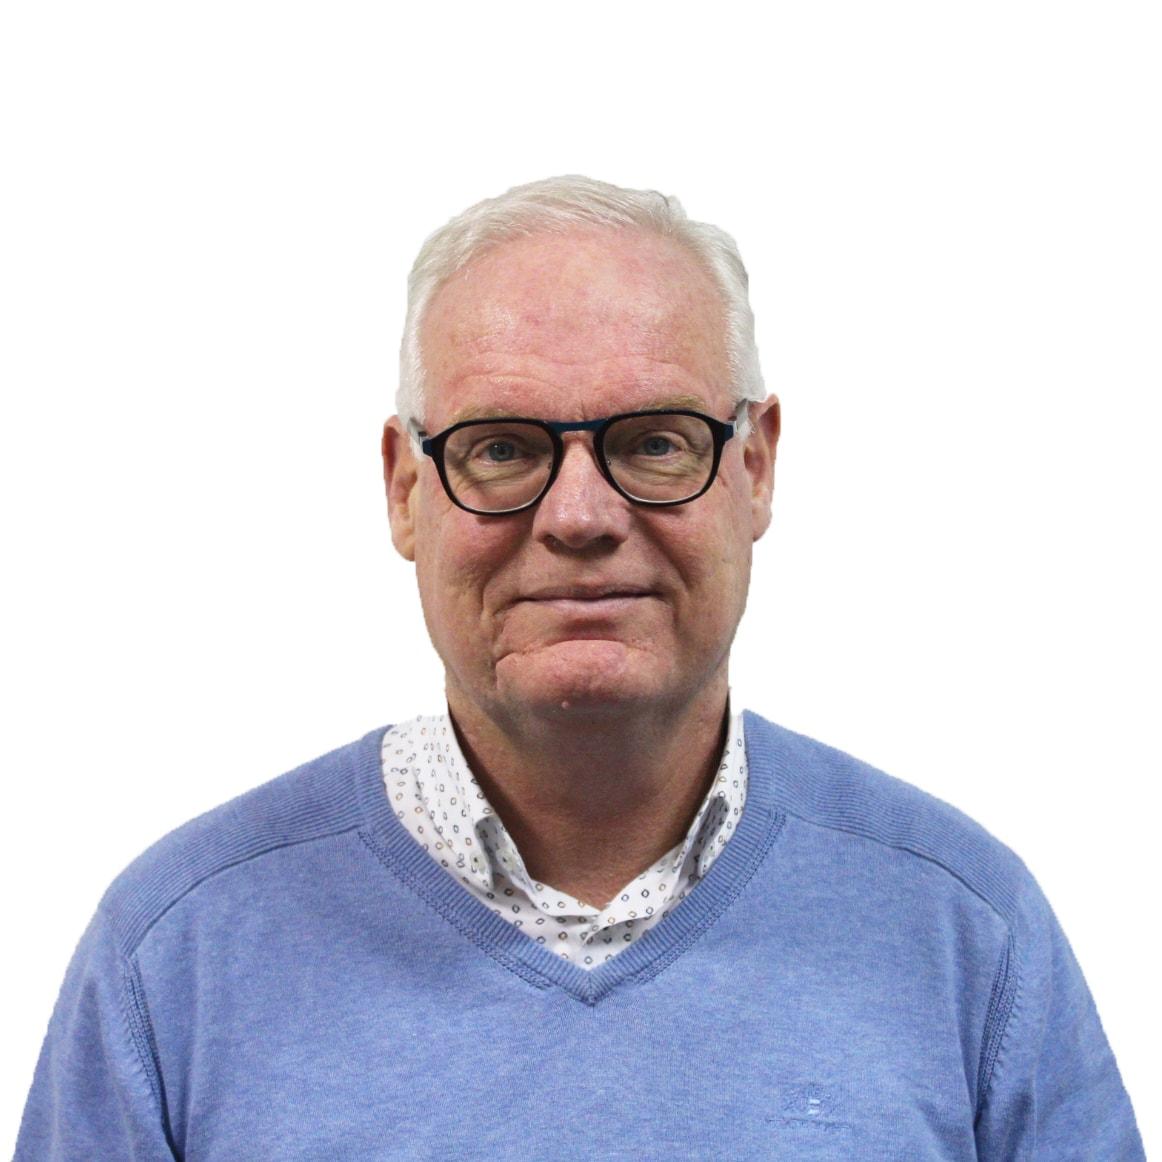 André van de Lagemaat